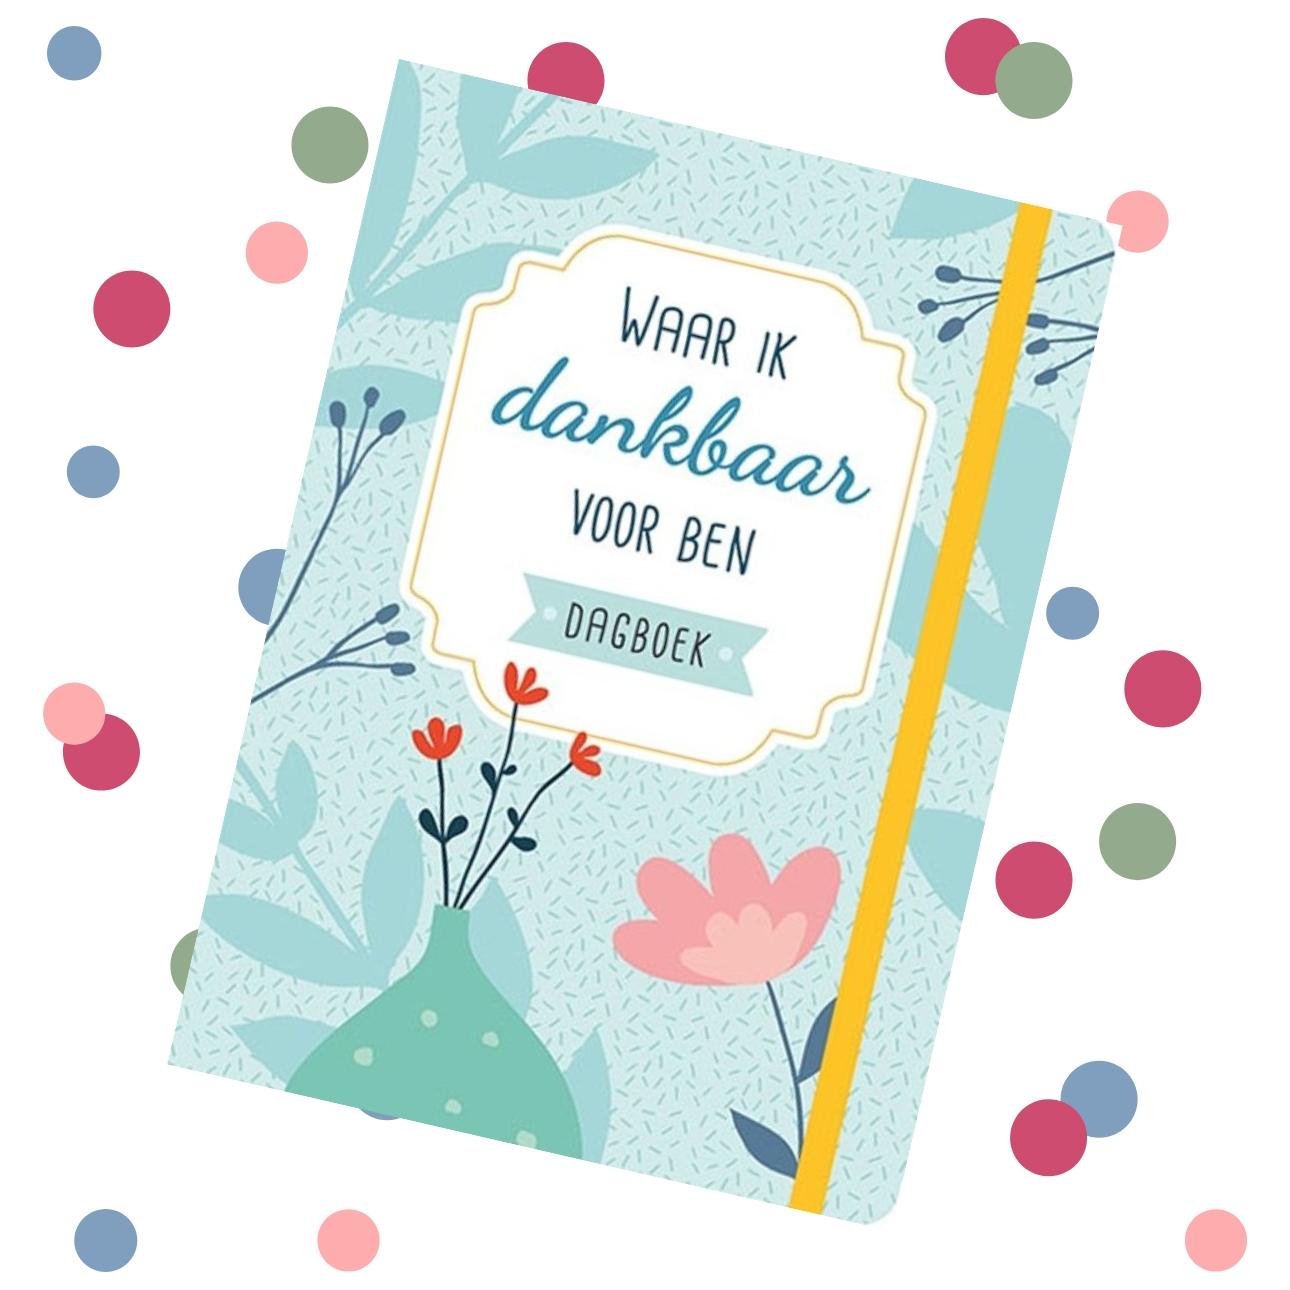 dagboeken wishlist - one list a day